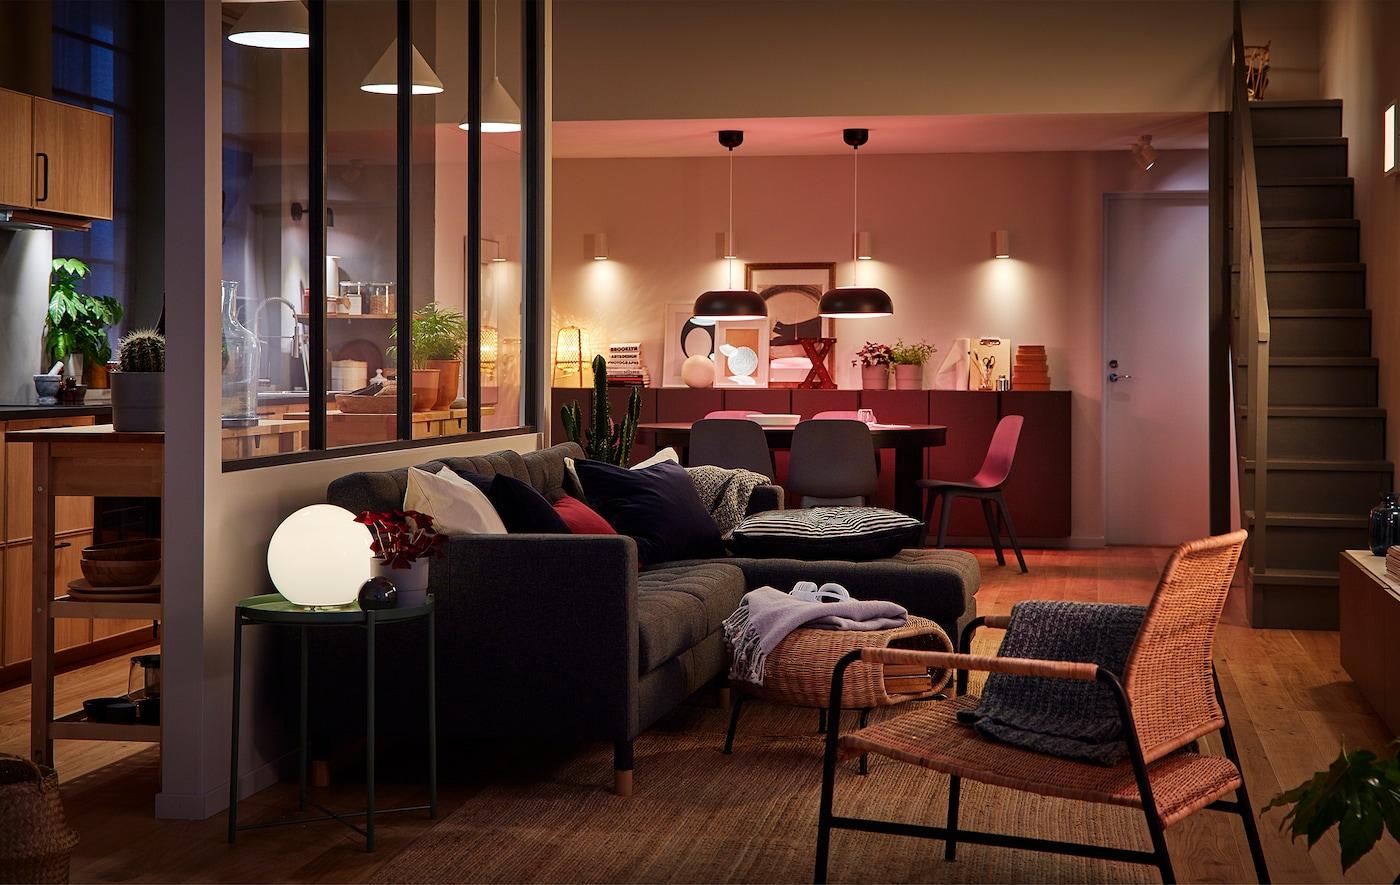 Open ruimte waarin de keuken, eetruimte en woonkamer in elkaar overgaan. Er branden verschillende lampen.